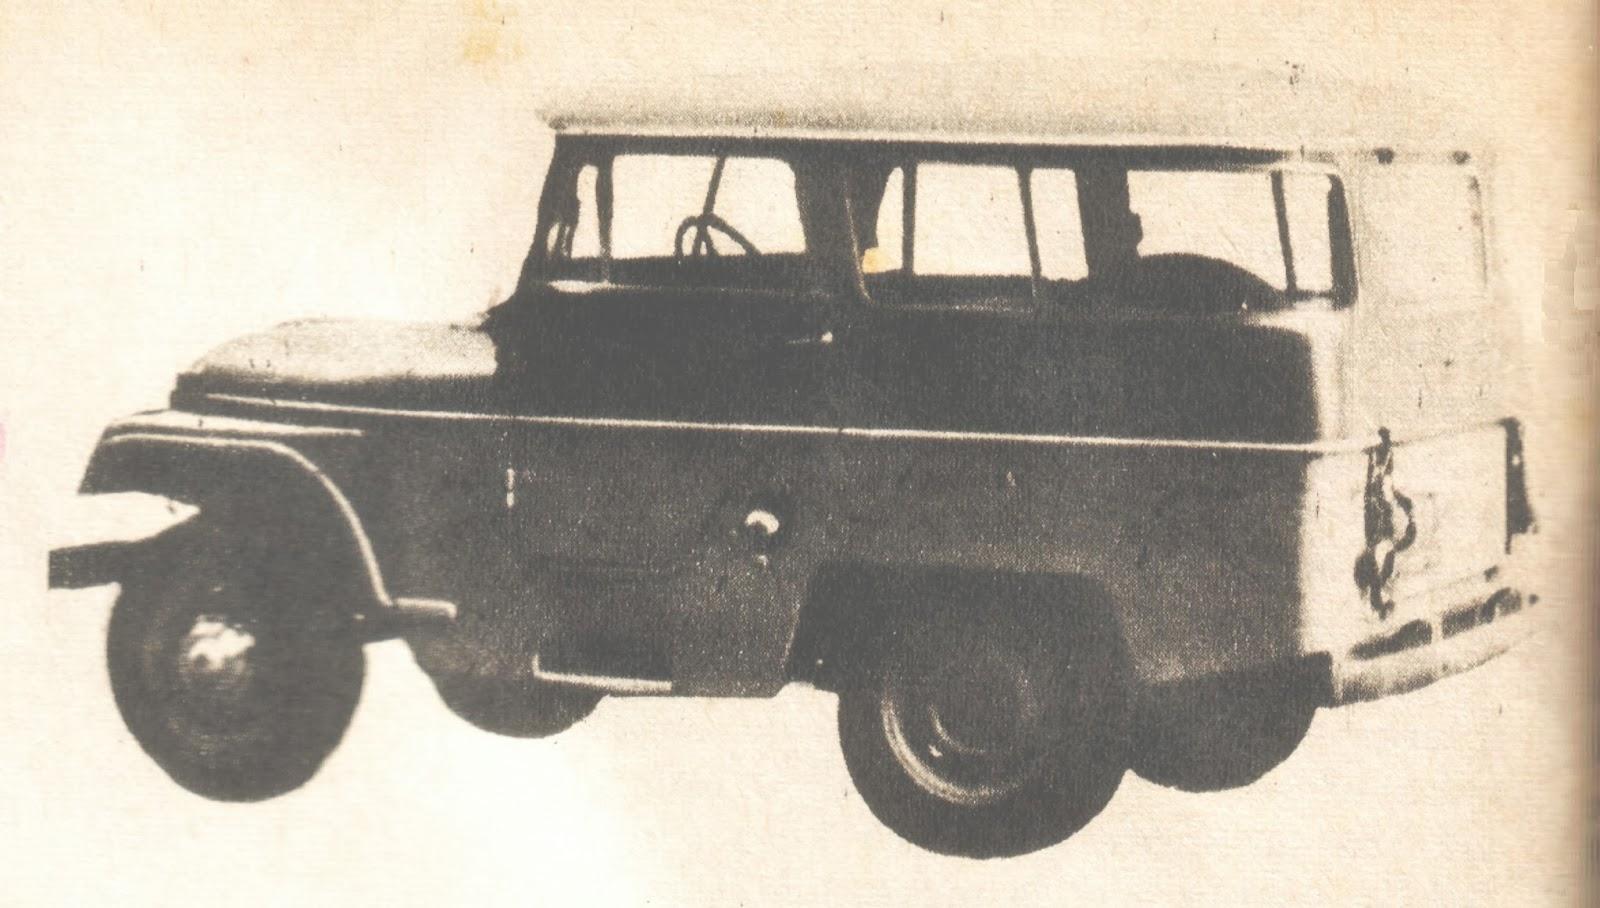 Archivo De Autos Los Jeeps Carrozados En Argentina Light Sensorldr Ofalightsensorcircuitwhenthelight Symbol3sir Carrocera Baby Rural Yicar Para Jeep Normal Foto La Revista Parabrisas Diciembre 1960